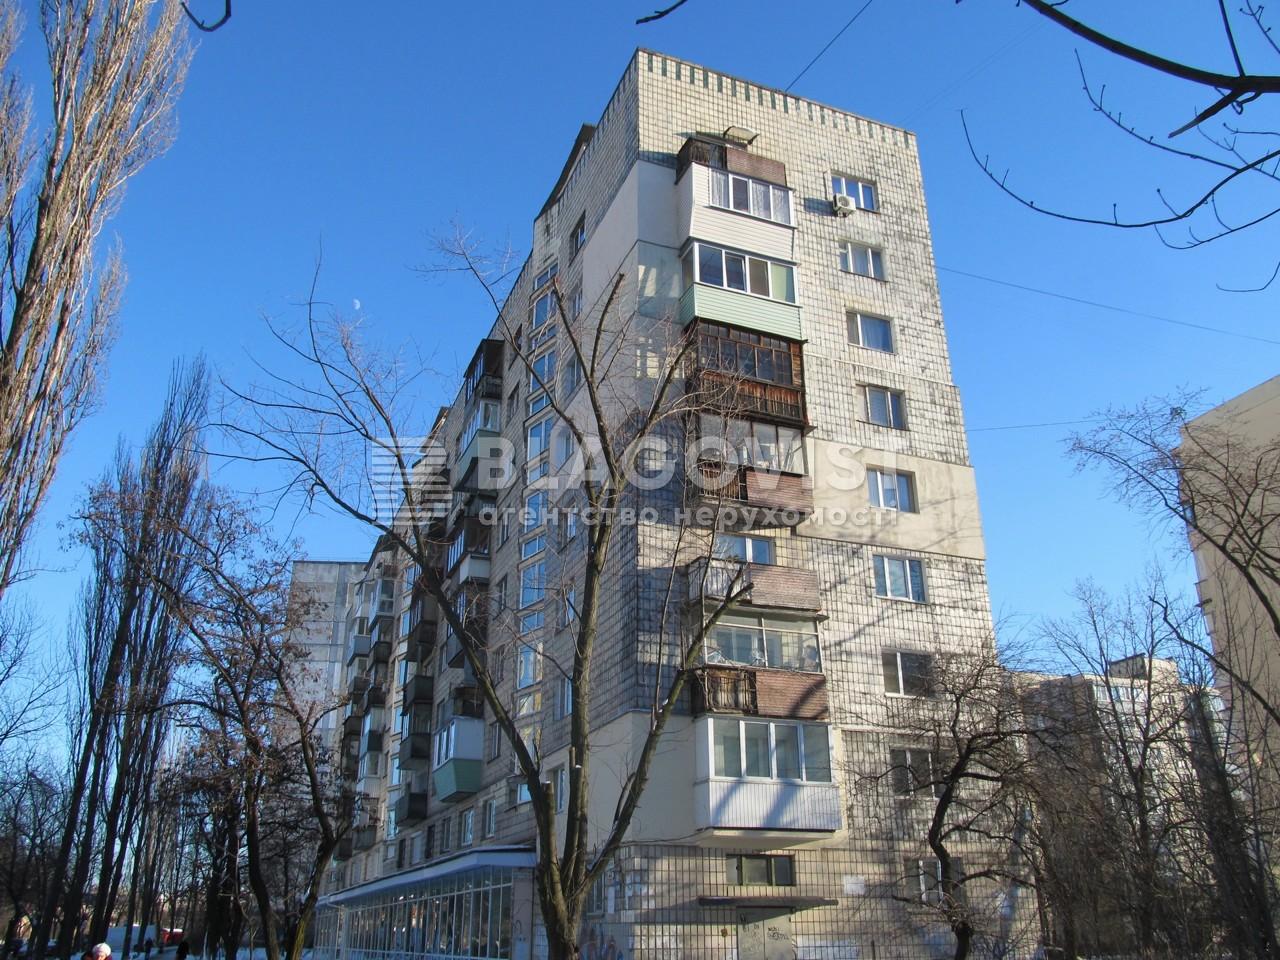 Квартира E-39743, Энтузиастов, 29, Киев - Фото 1